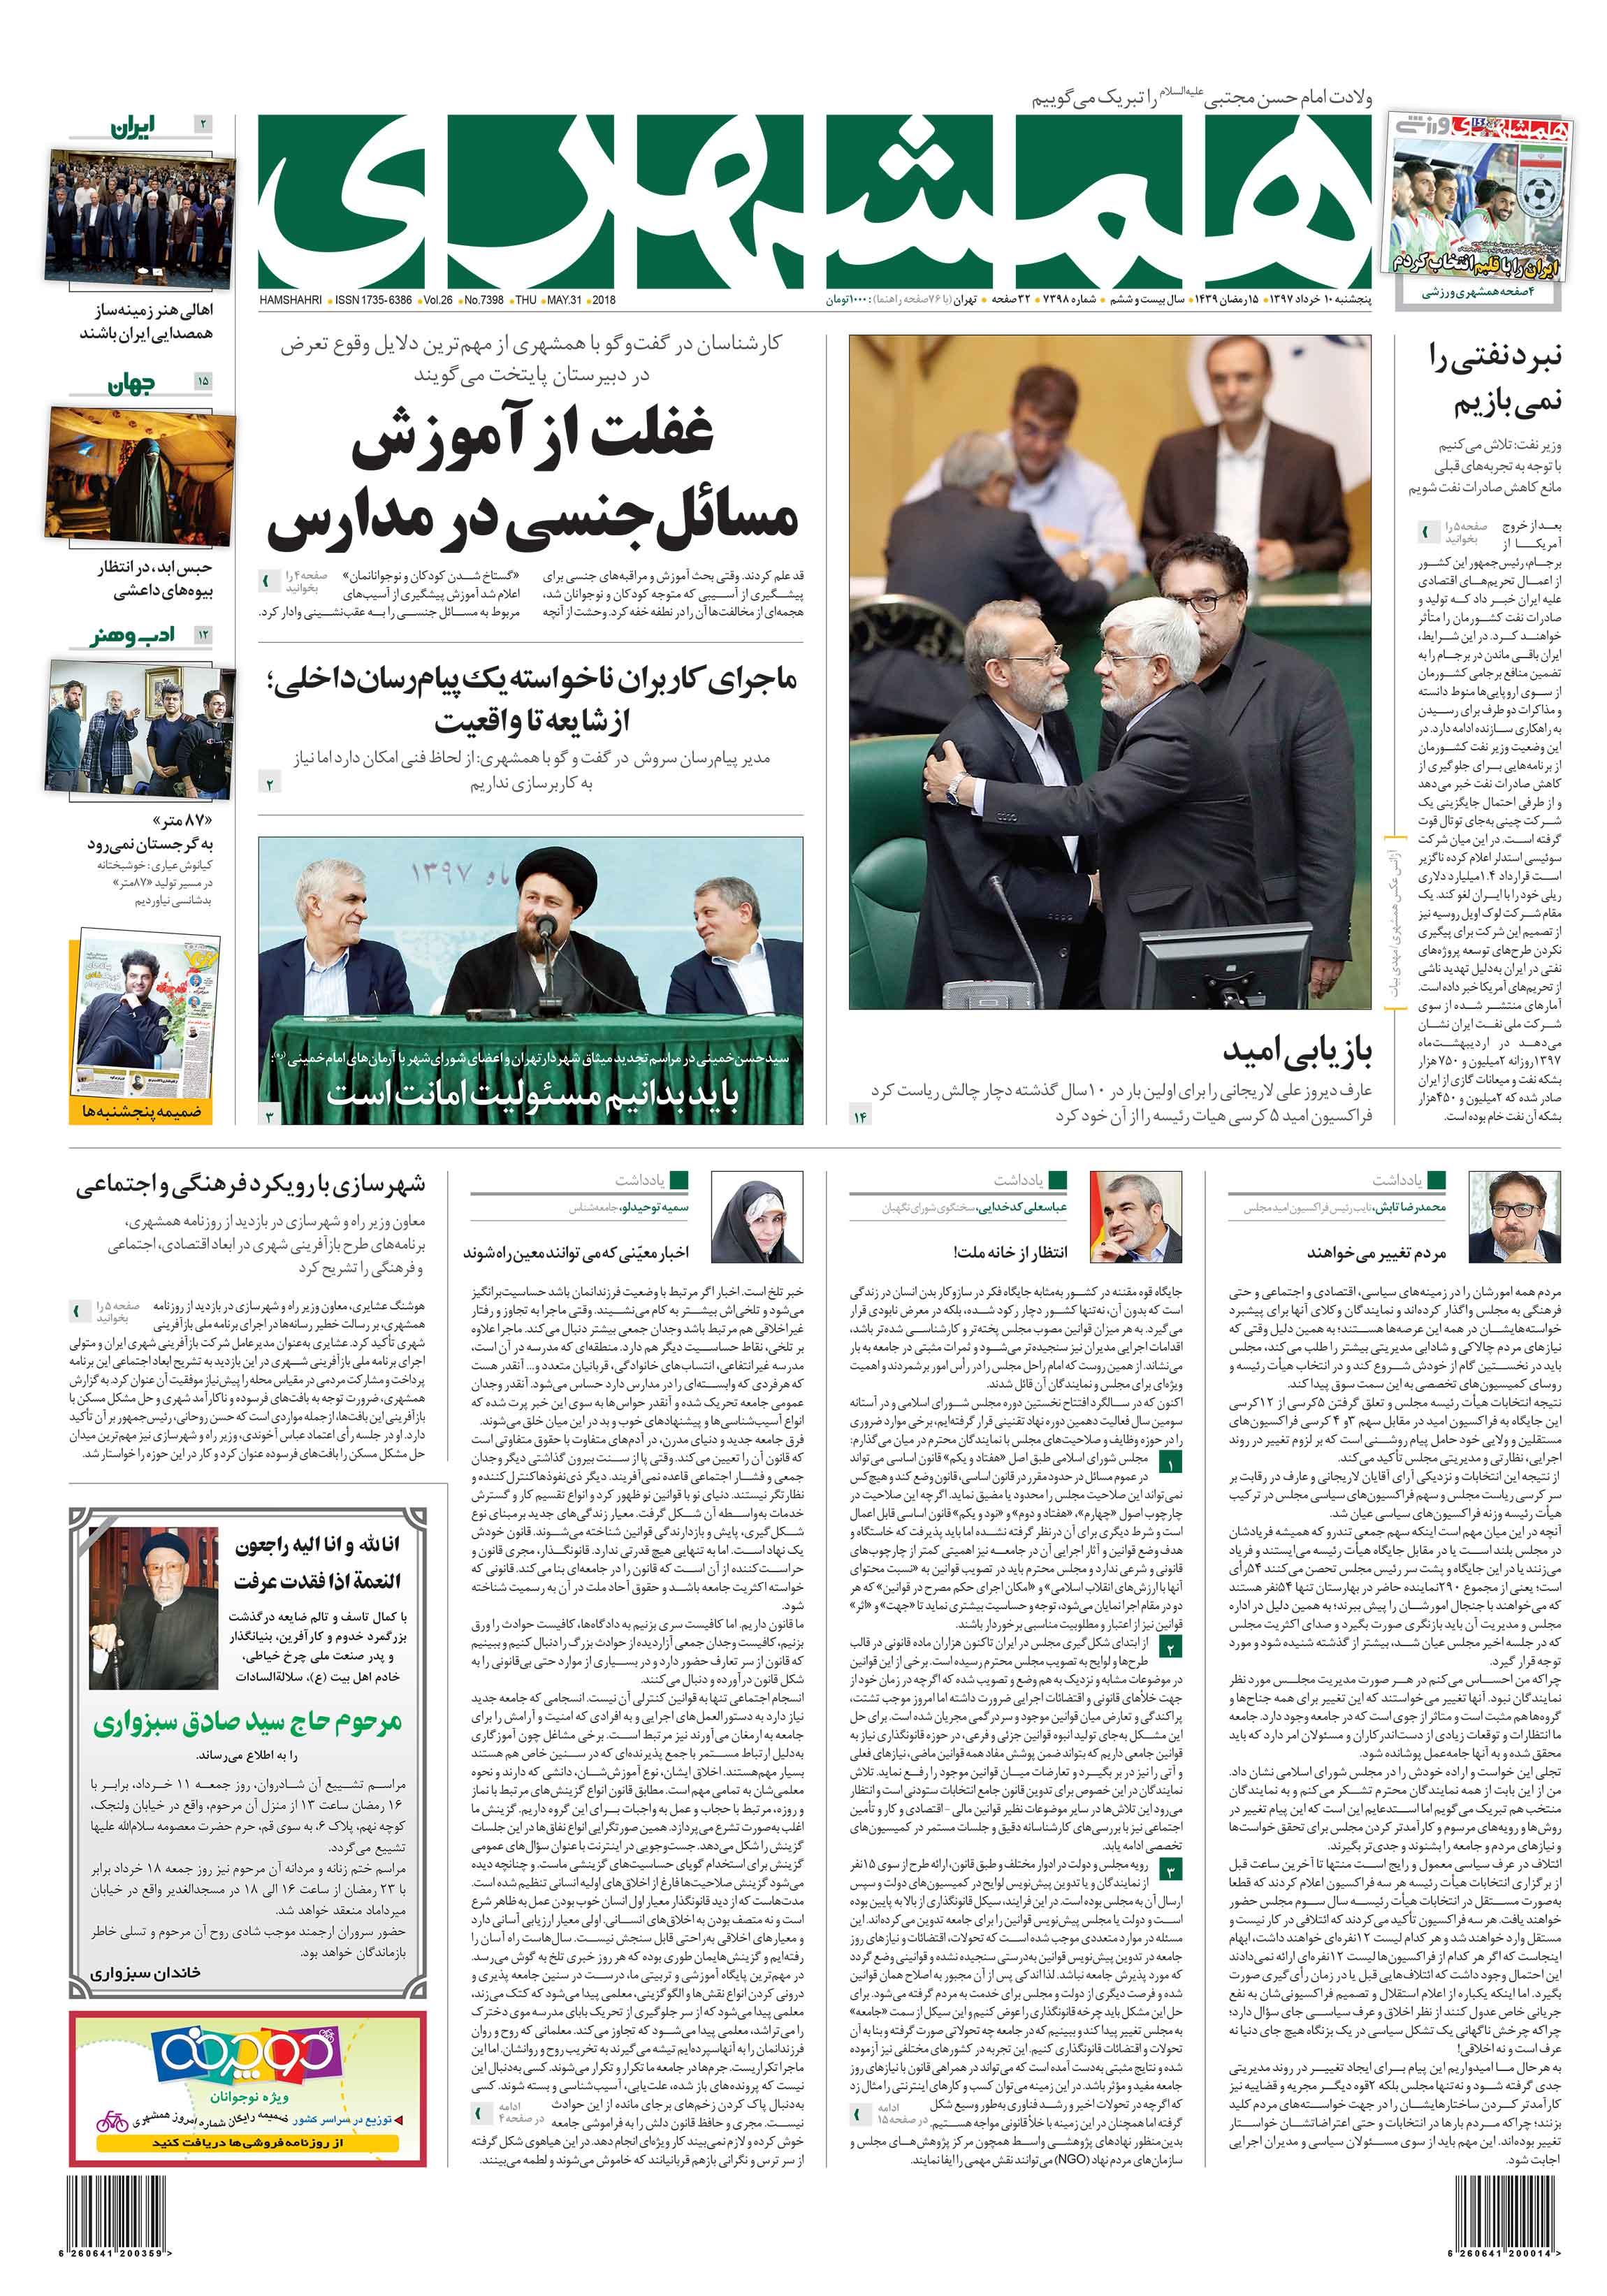 صفحه اول پنجشنبه 10 خرداد 1397